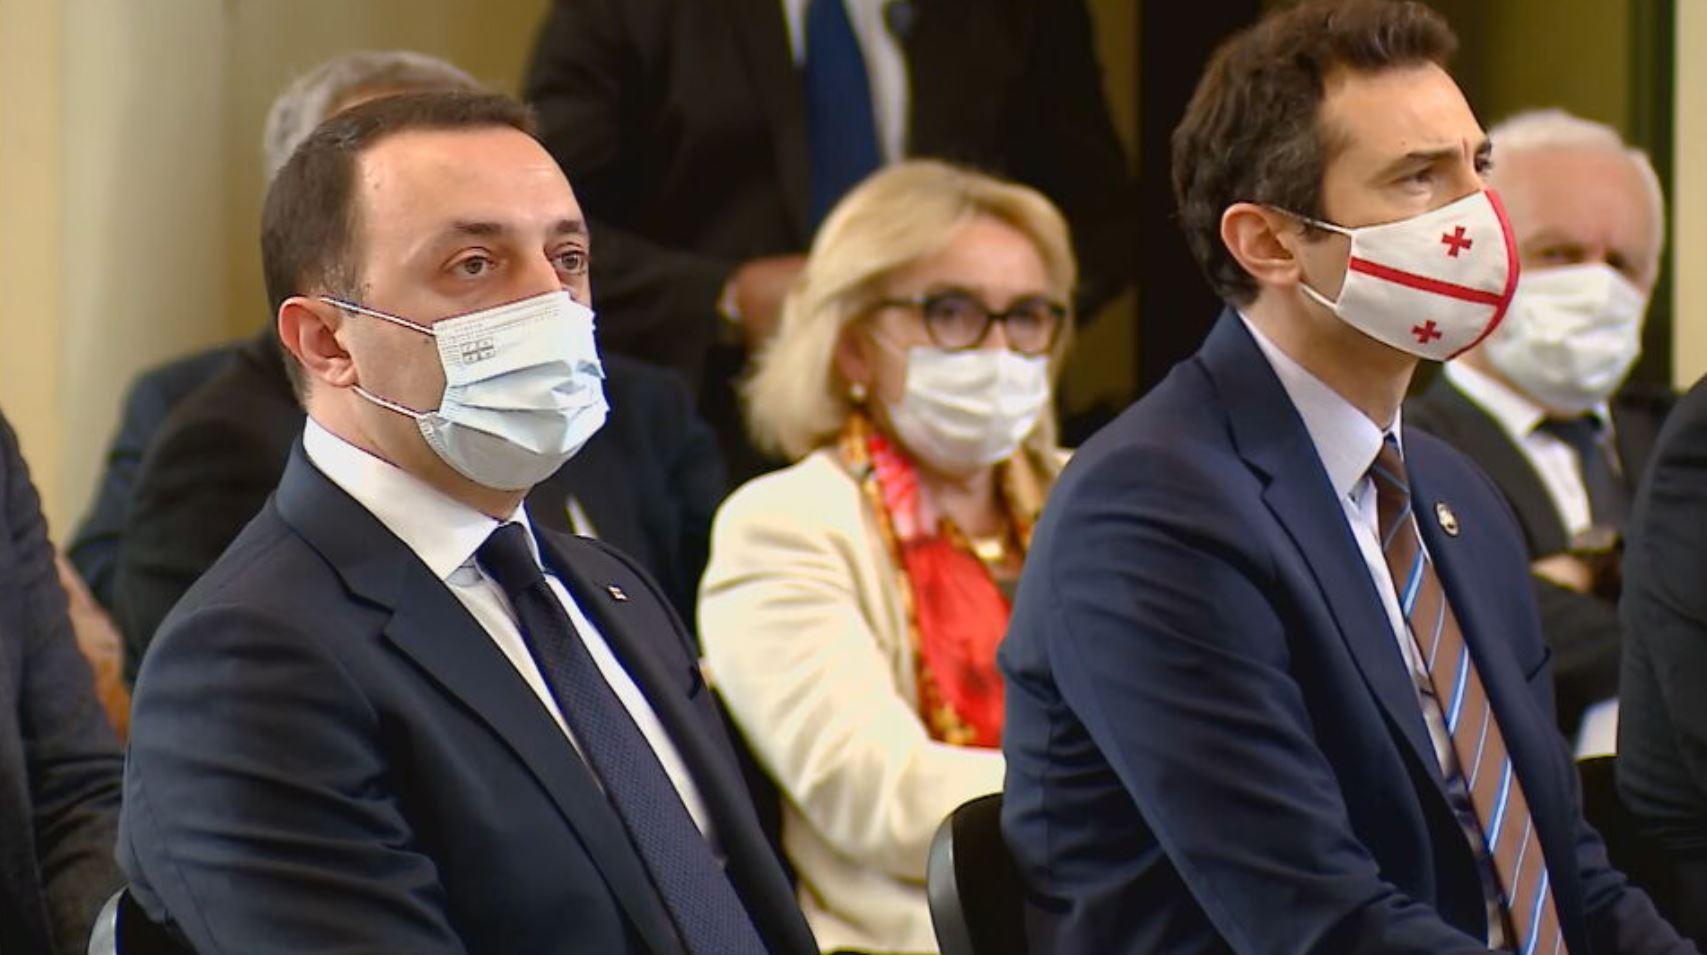 საქართველოს პრემიერ-მინისტრი, ირაკლი ღარიბაშვილი და პარლამენტის თავმჯდომარე, კახა კუჭავა